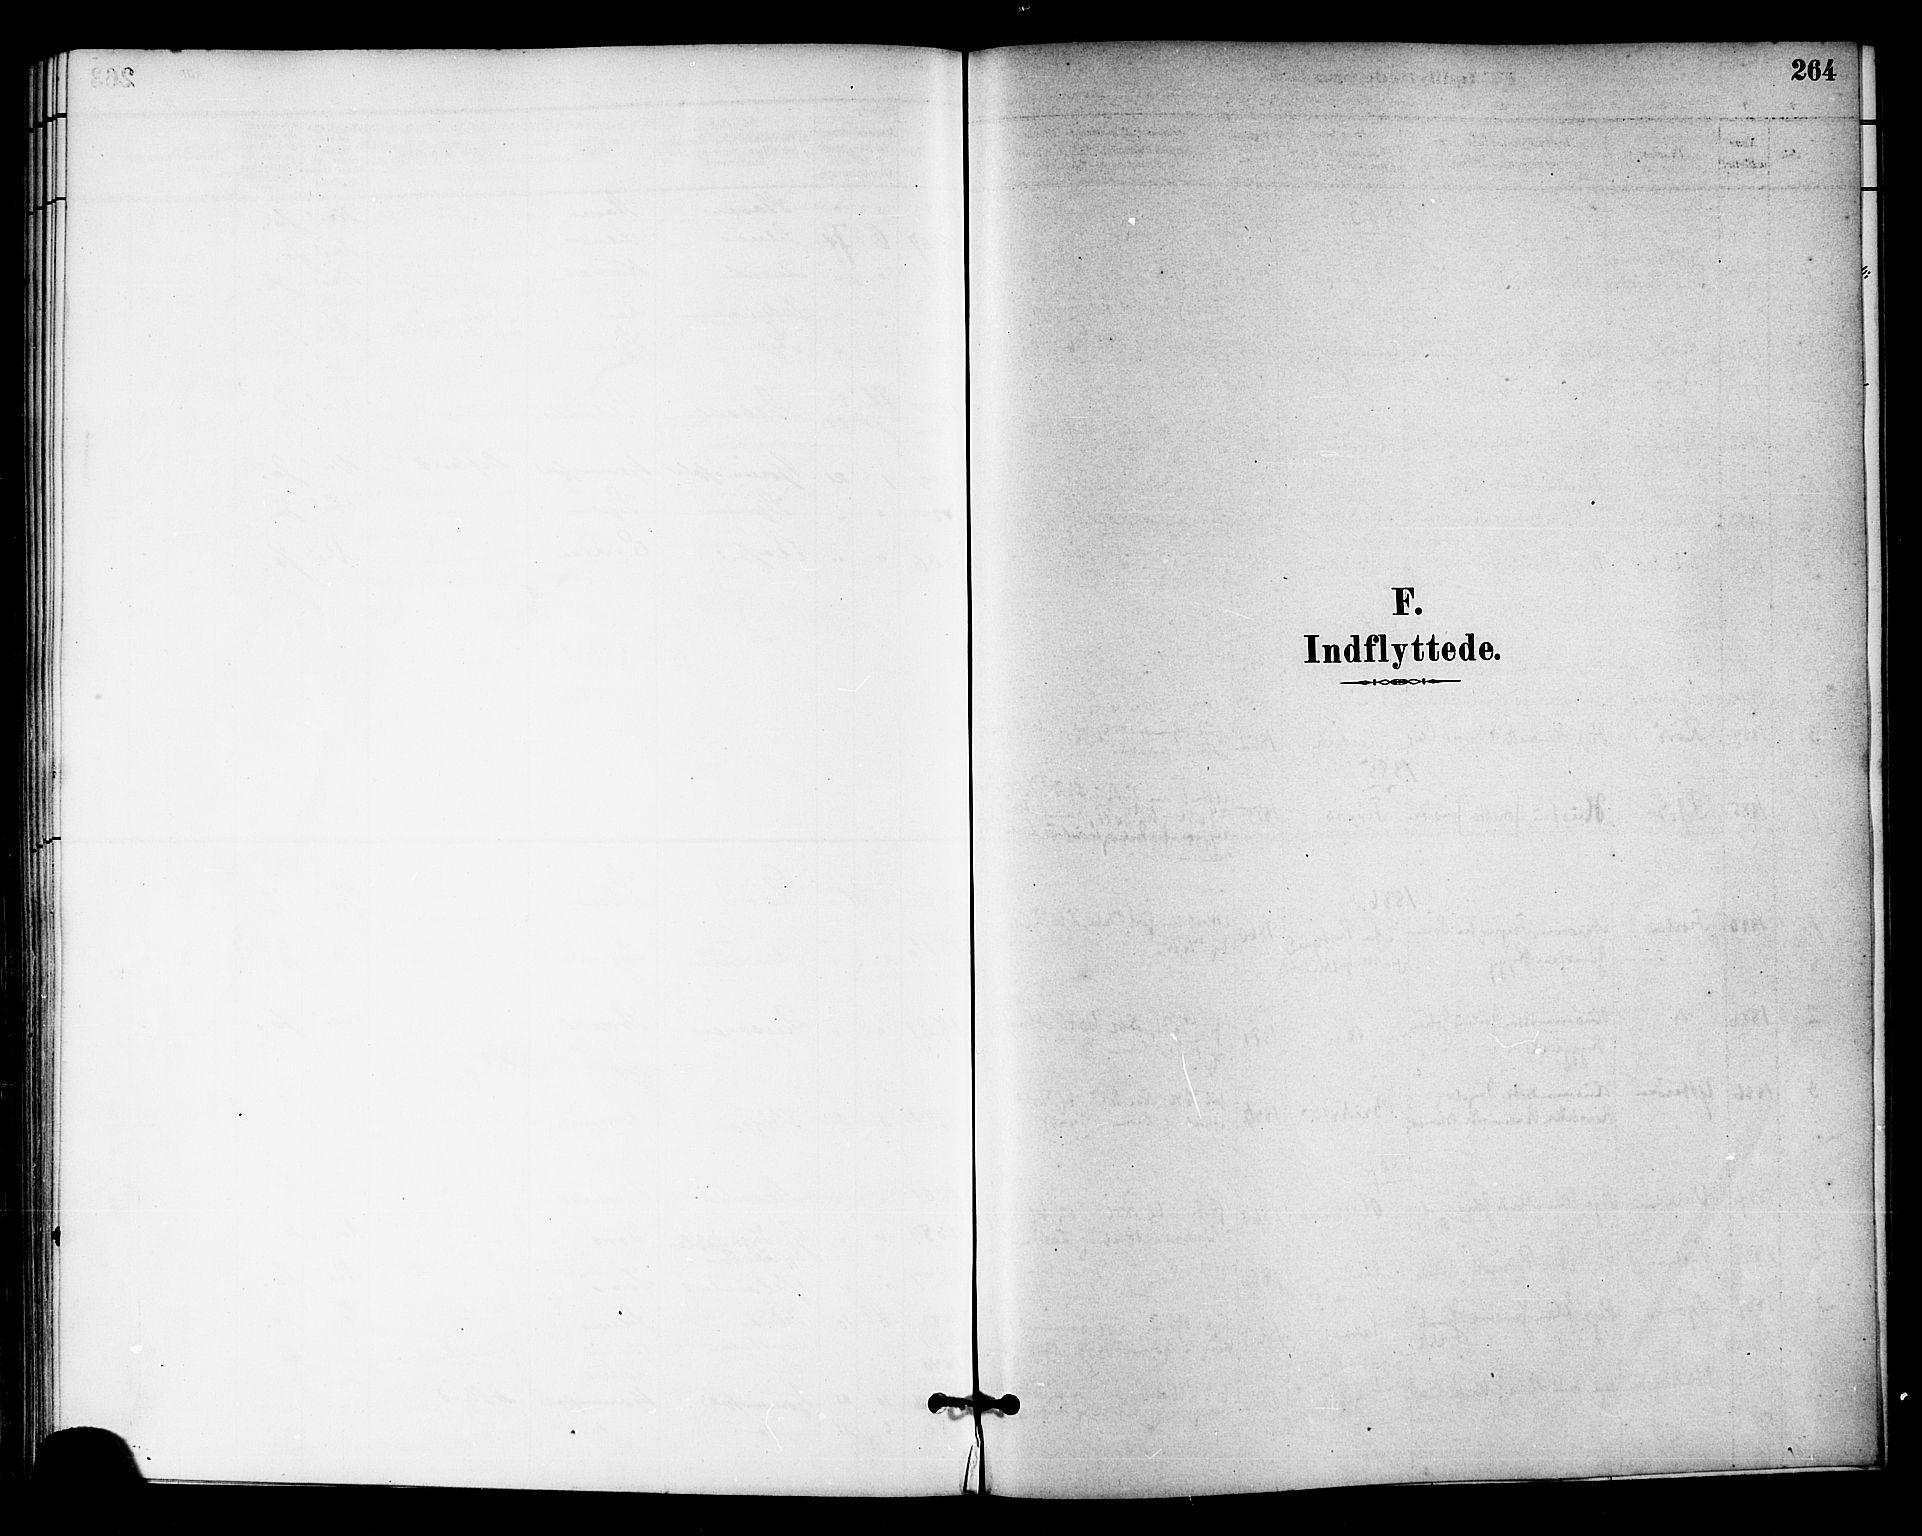 SAT, Ministerialprotokoller, klokkerbøker og fødselsregistre - Sør-Trøndelag, 655/L0680: Ministerialbok nr. 655A09, 1880-1894, s. 264